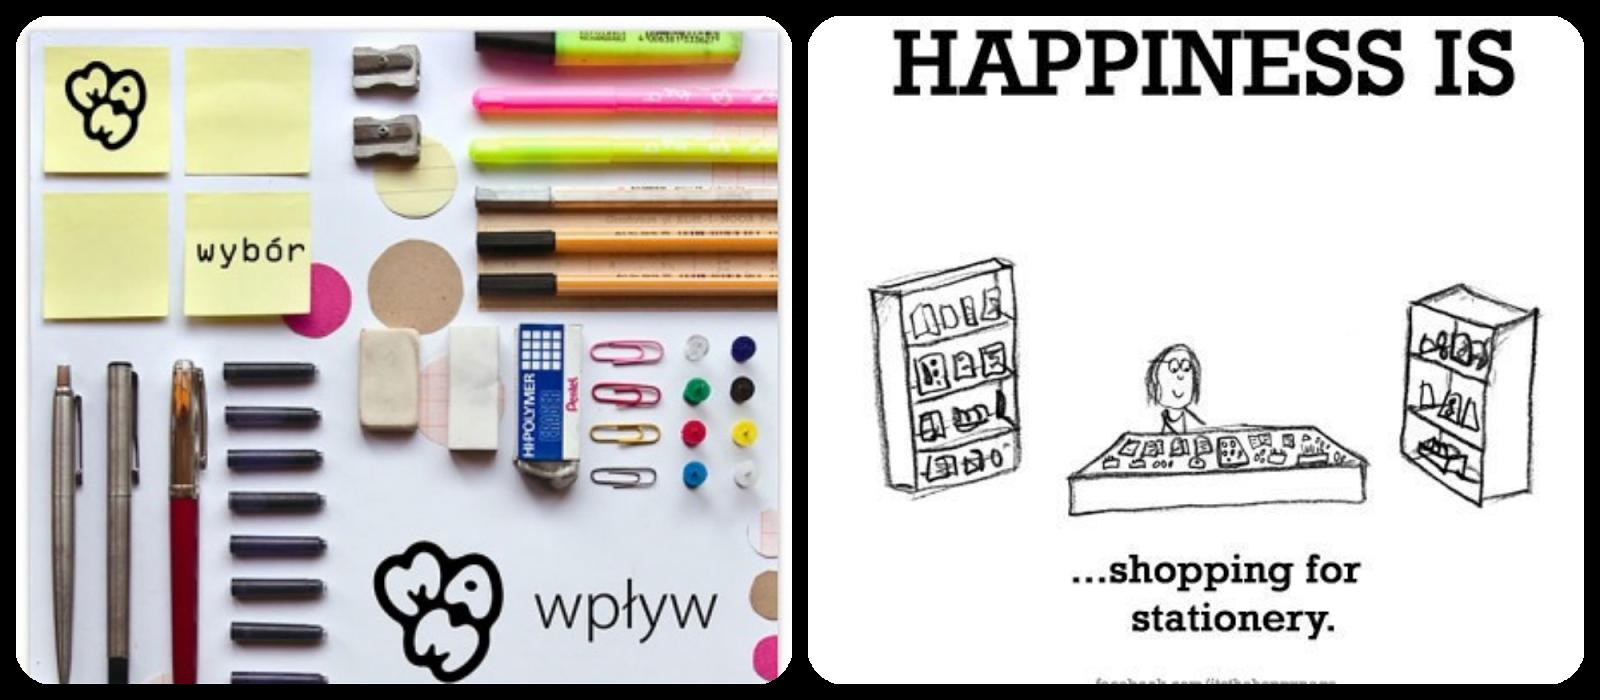 Me gusta entrar a las papelerías y perderme entre las mil cosas que tienen / Happiness is a shopping for stationery